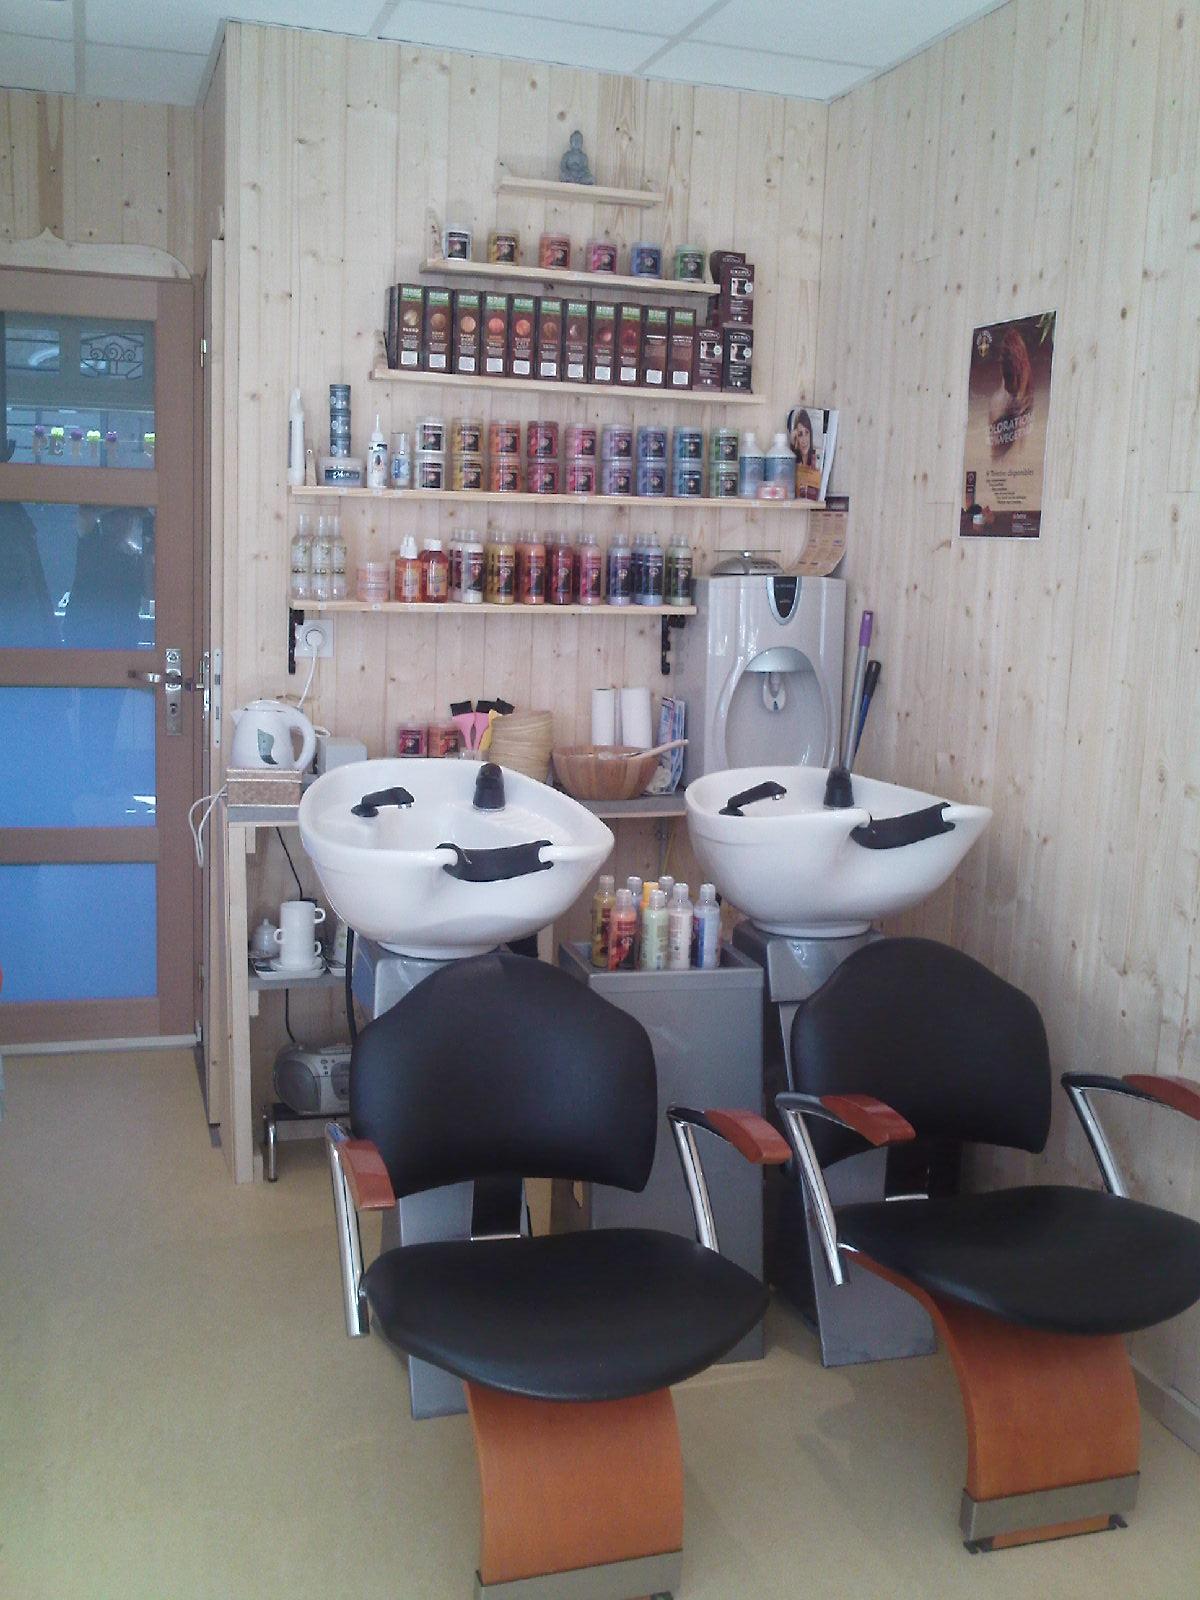 Le petit salon lannion avis tarifs horaires t l phone for Le petit salon villereal